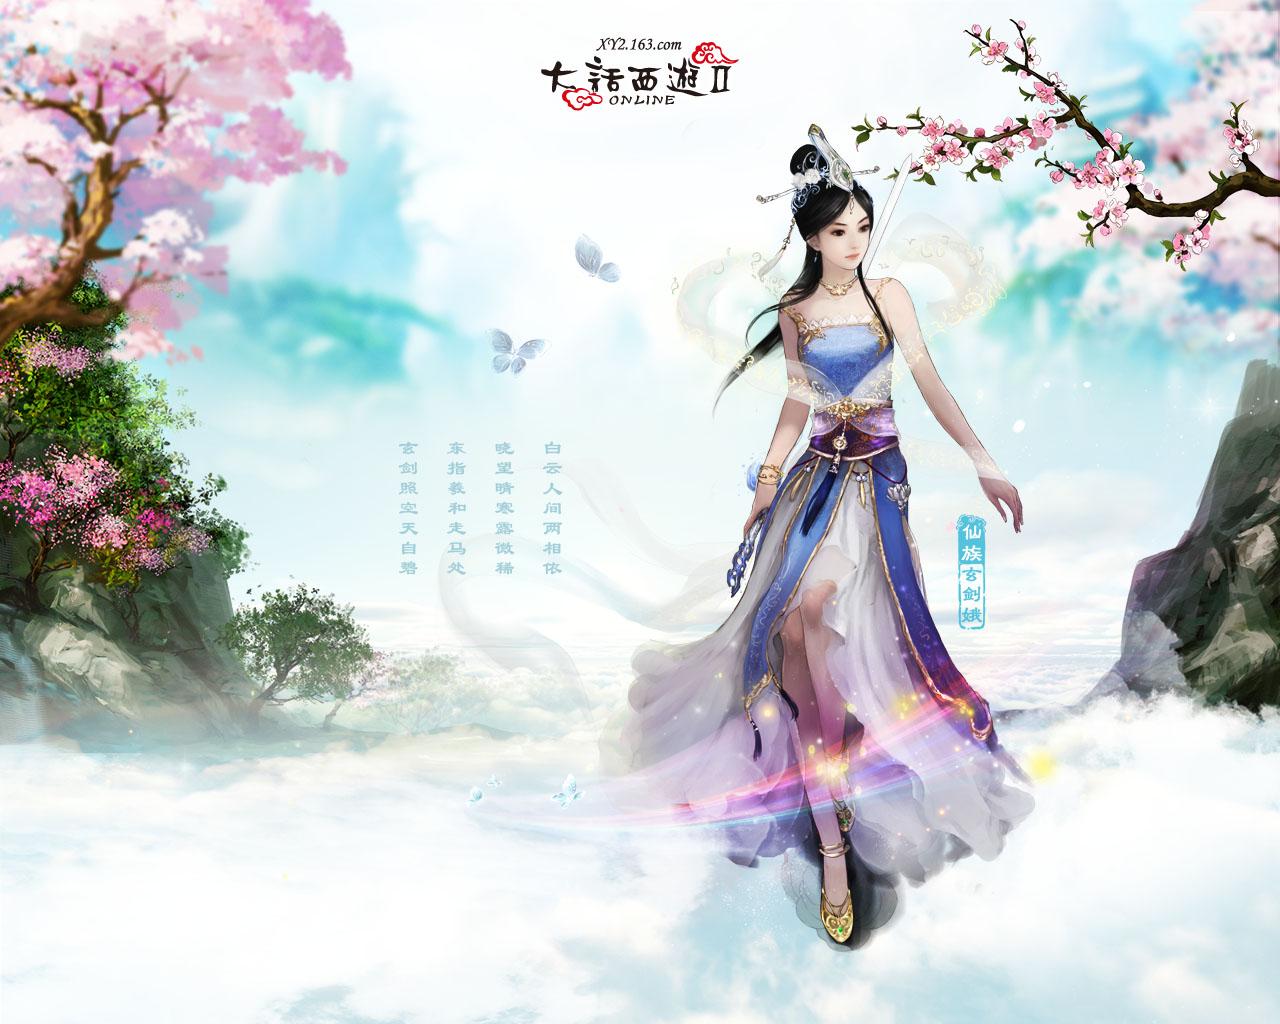 中国风游戏桌面壁纸高清